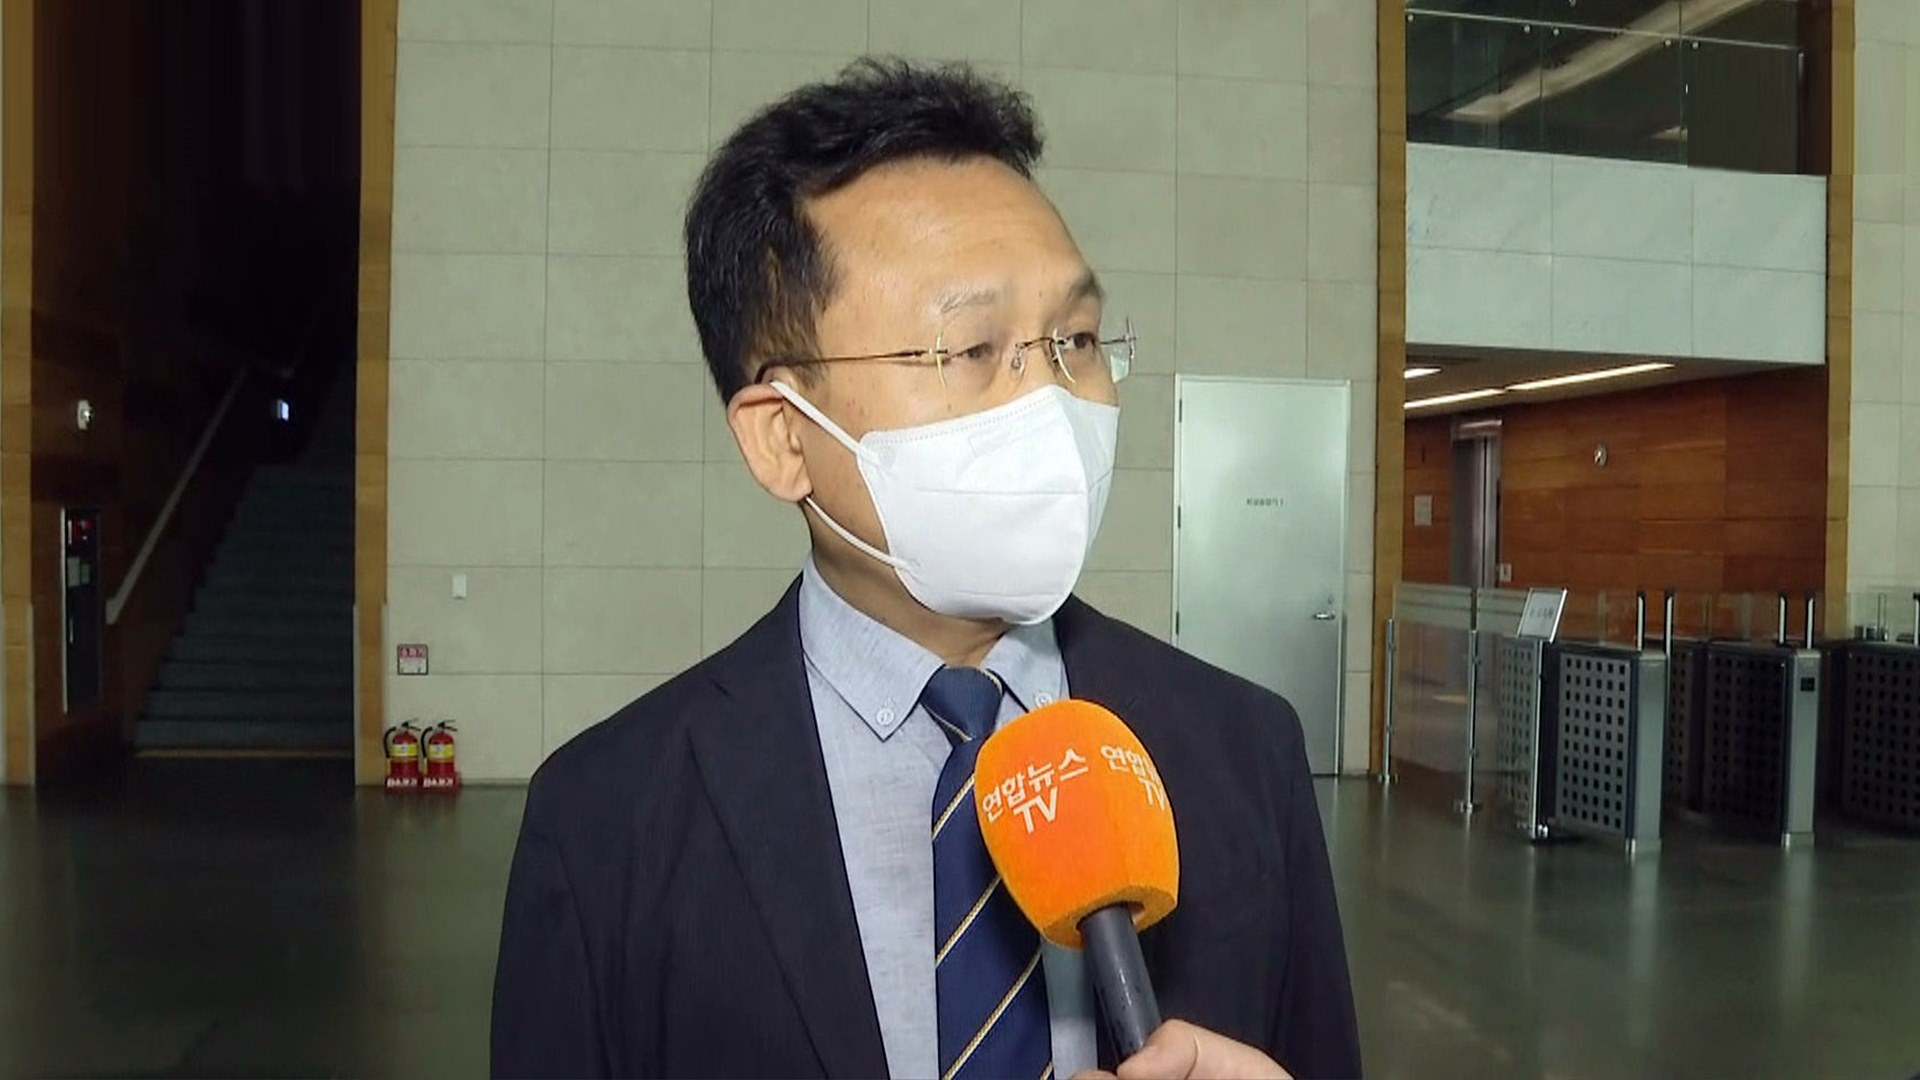 [출근길 인터뷰] 청와대, 남북공동조사 요청…수용 가능성은?